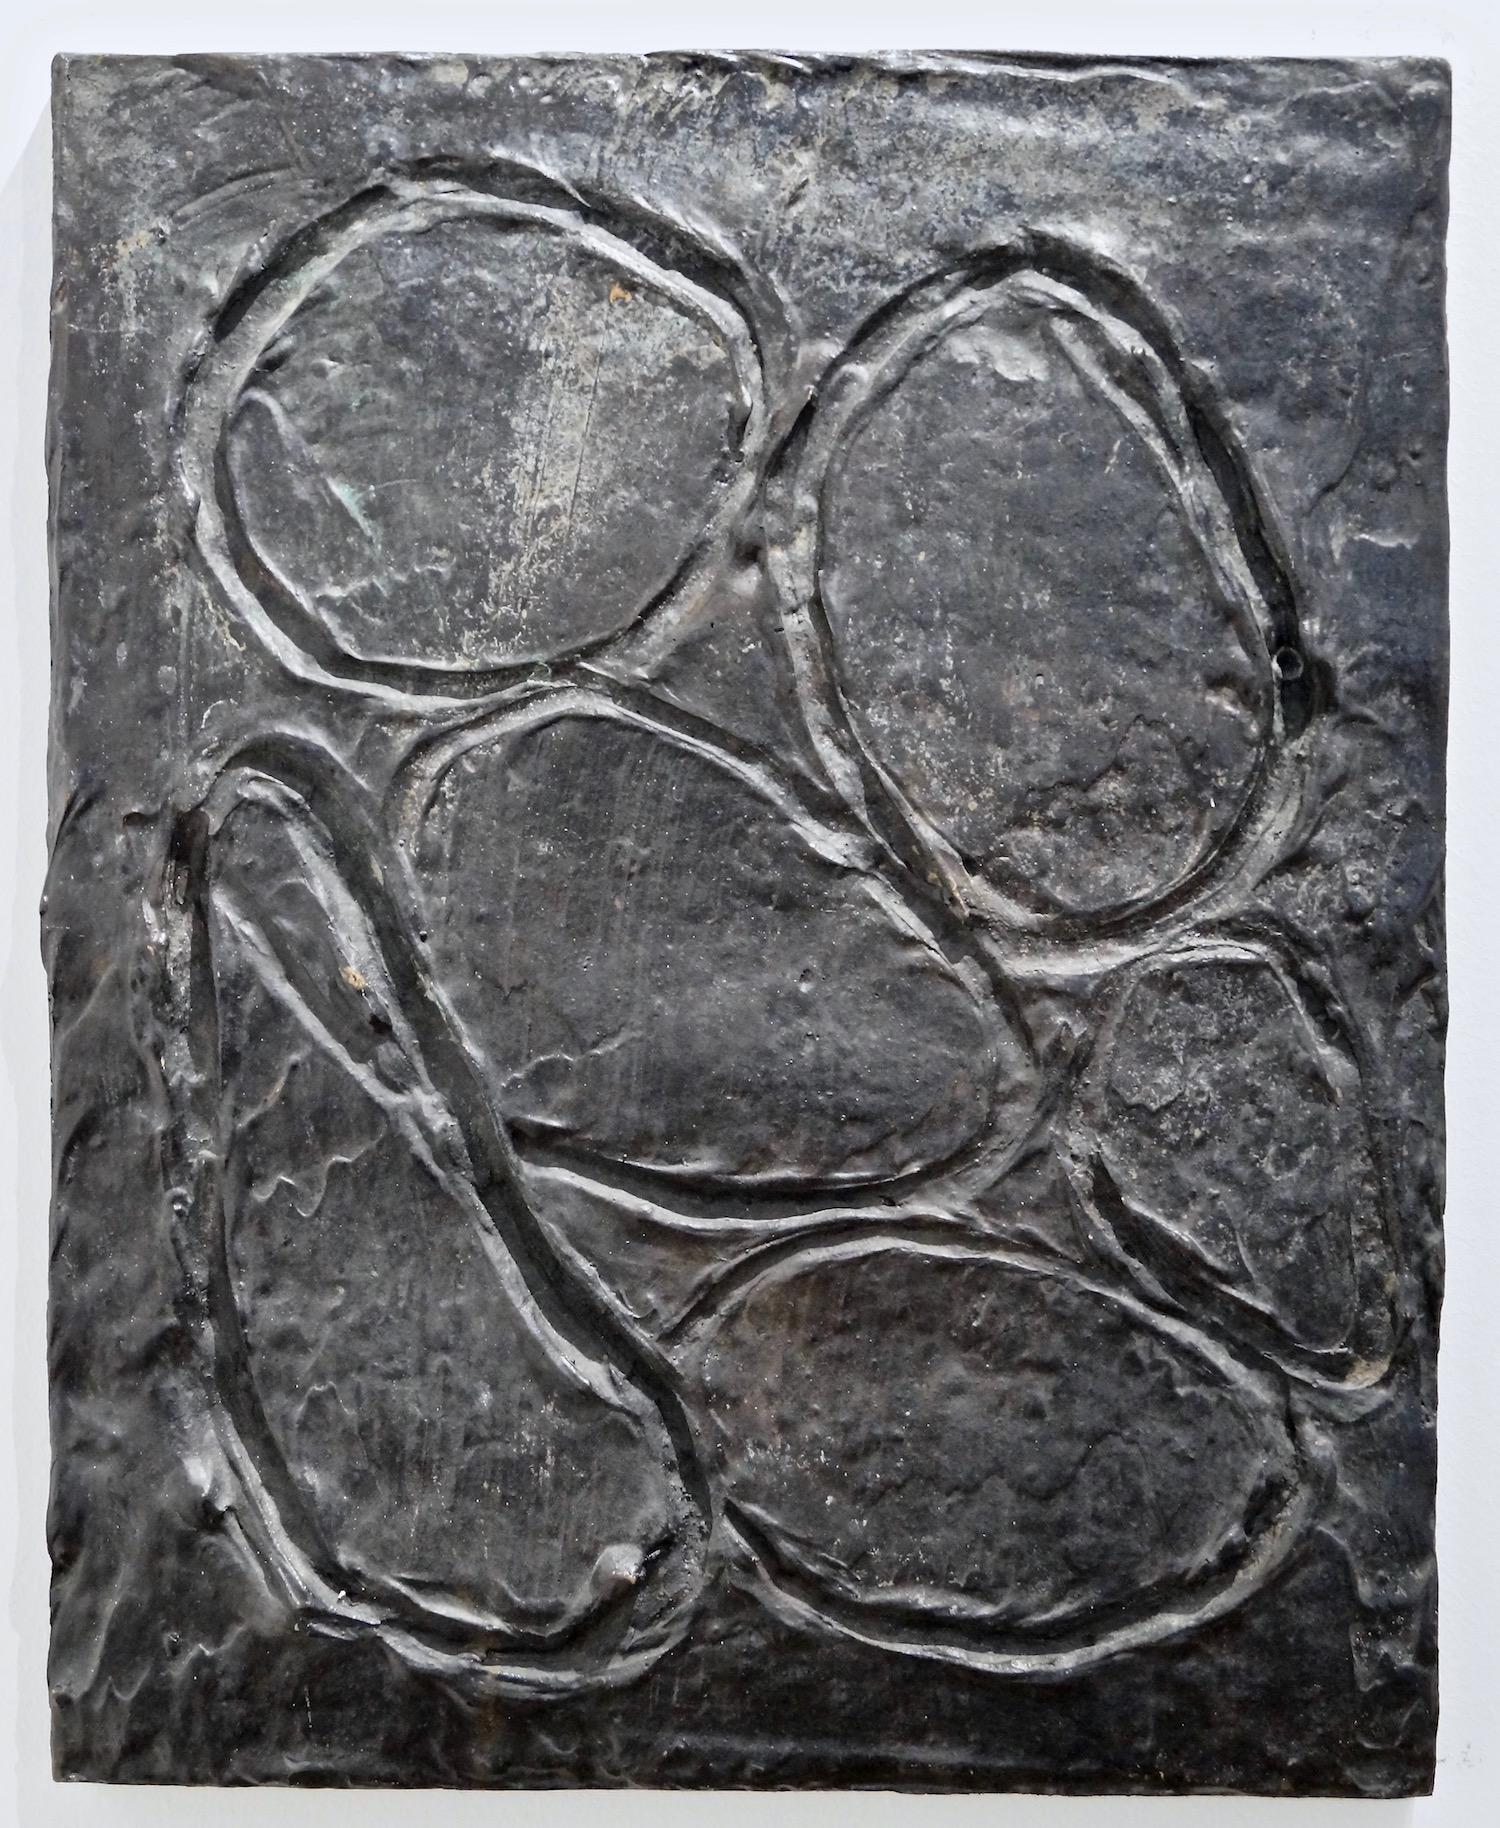 Günther Förg untitled, 1991 bronze 49 x 39 cm | 19 1/3 x 15 1/3 in Expl. 3/14 GF/O 2